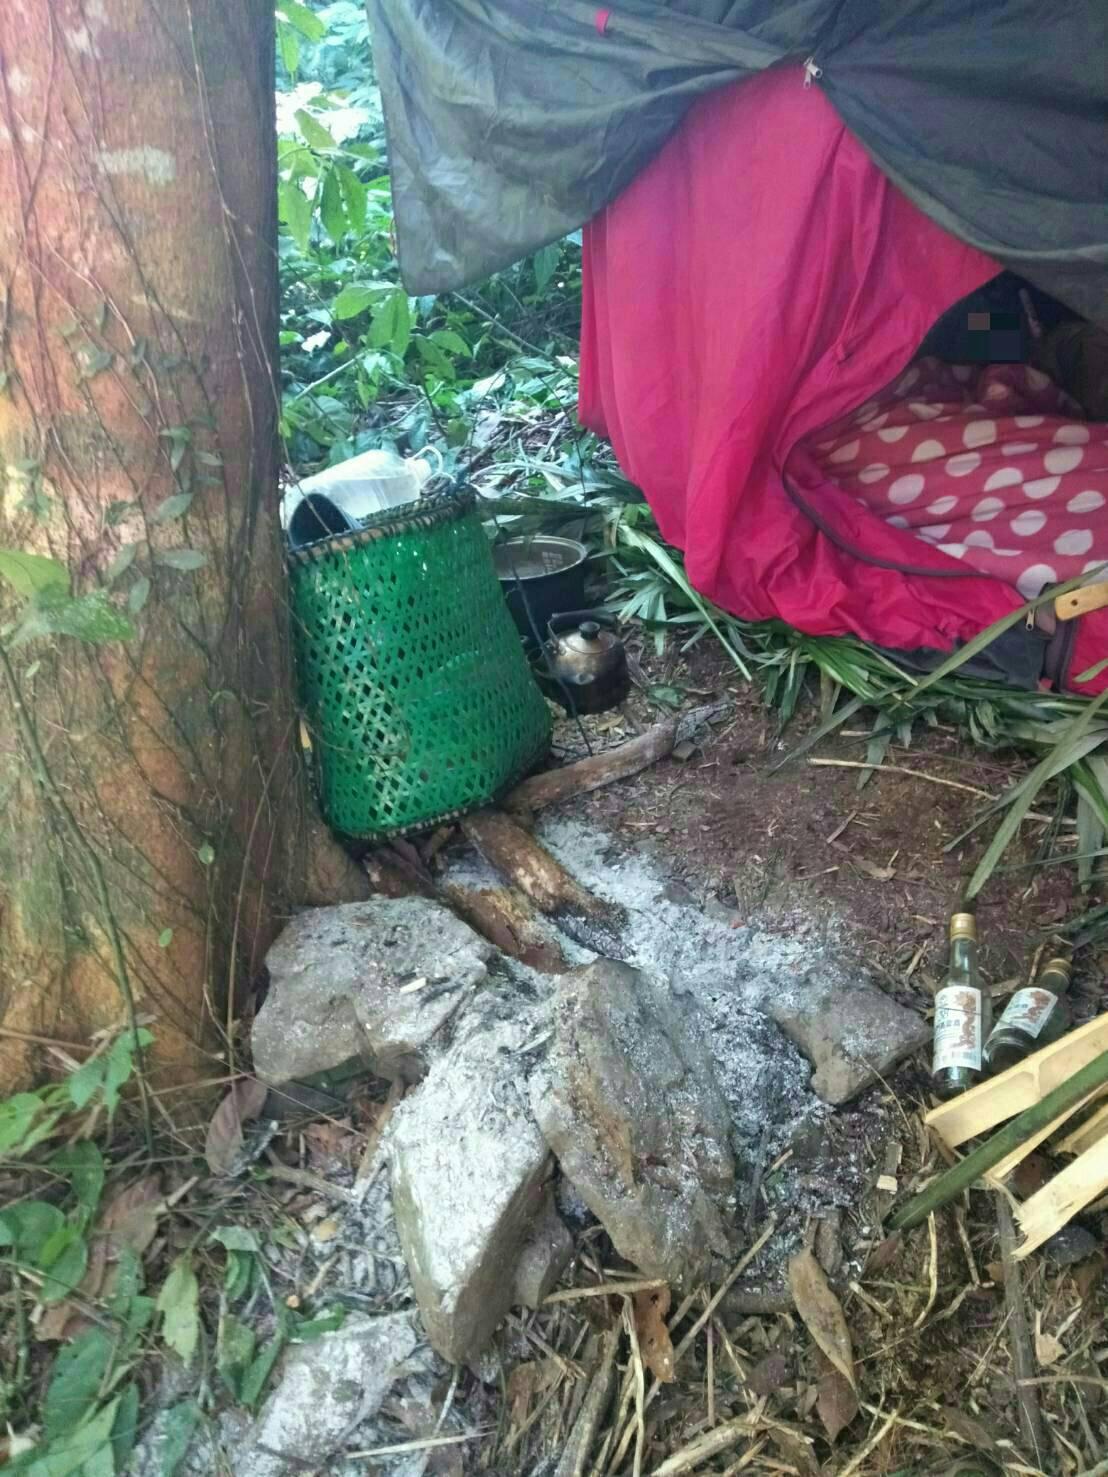 桃園市復興區一名64歲陳姓獵人,8日獨自上山打獵,僅帶簡易鍋具、微薄食物上山,疑...